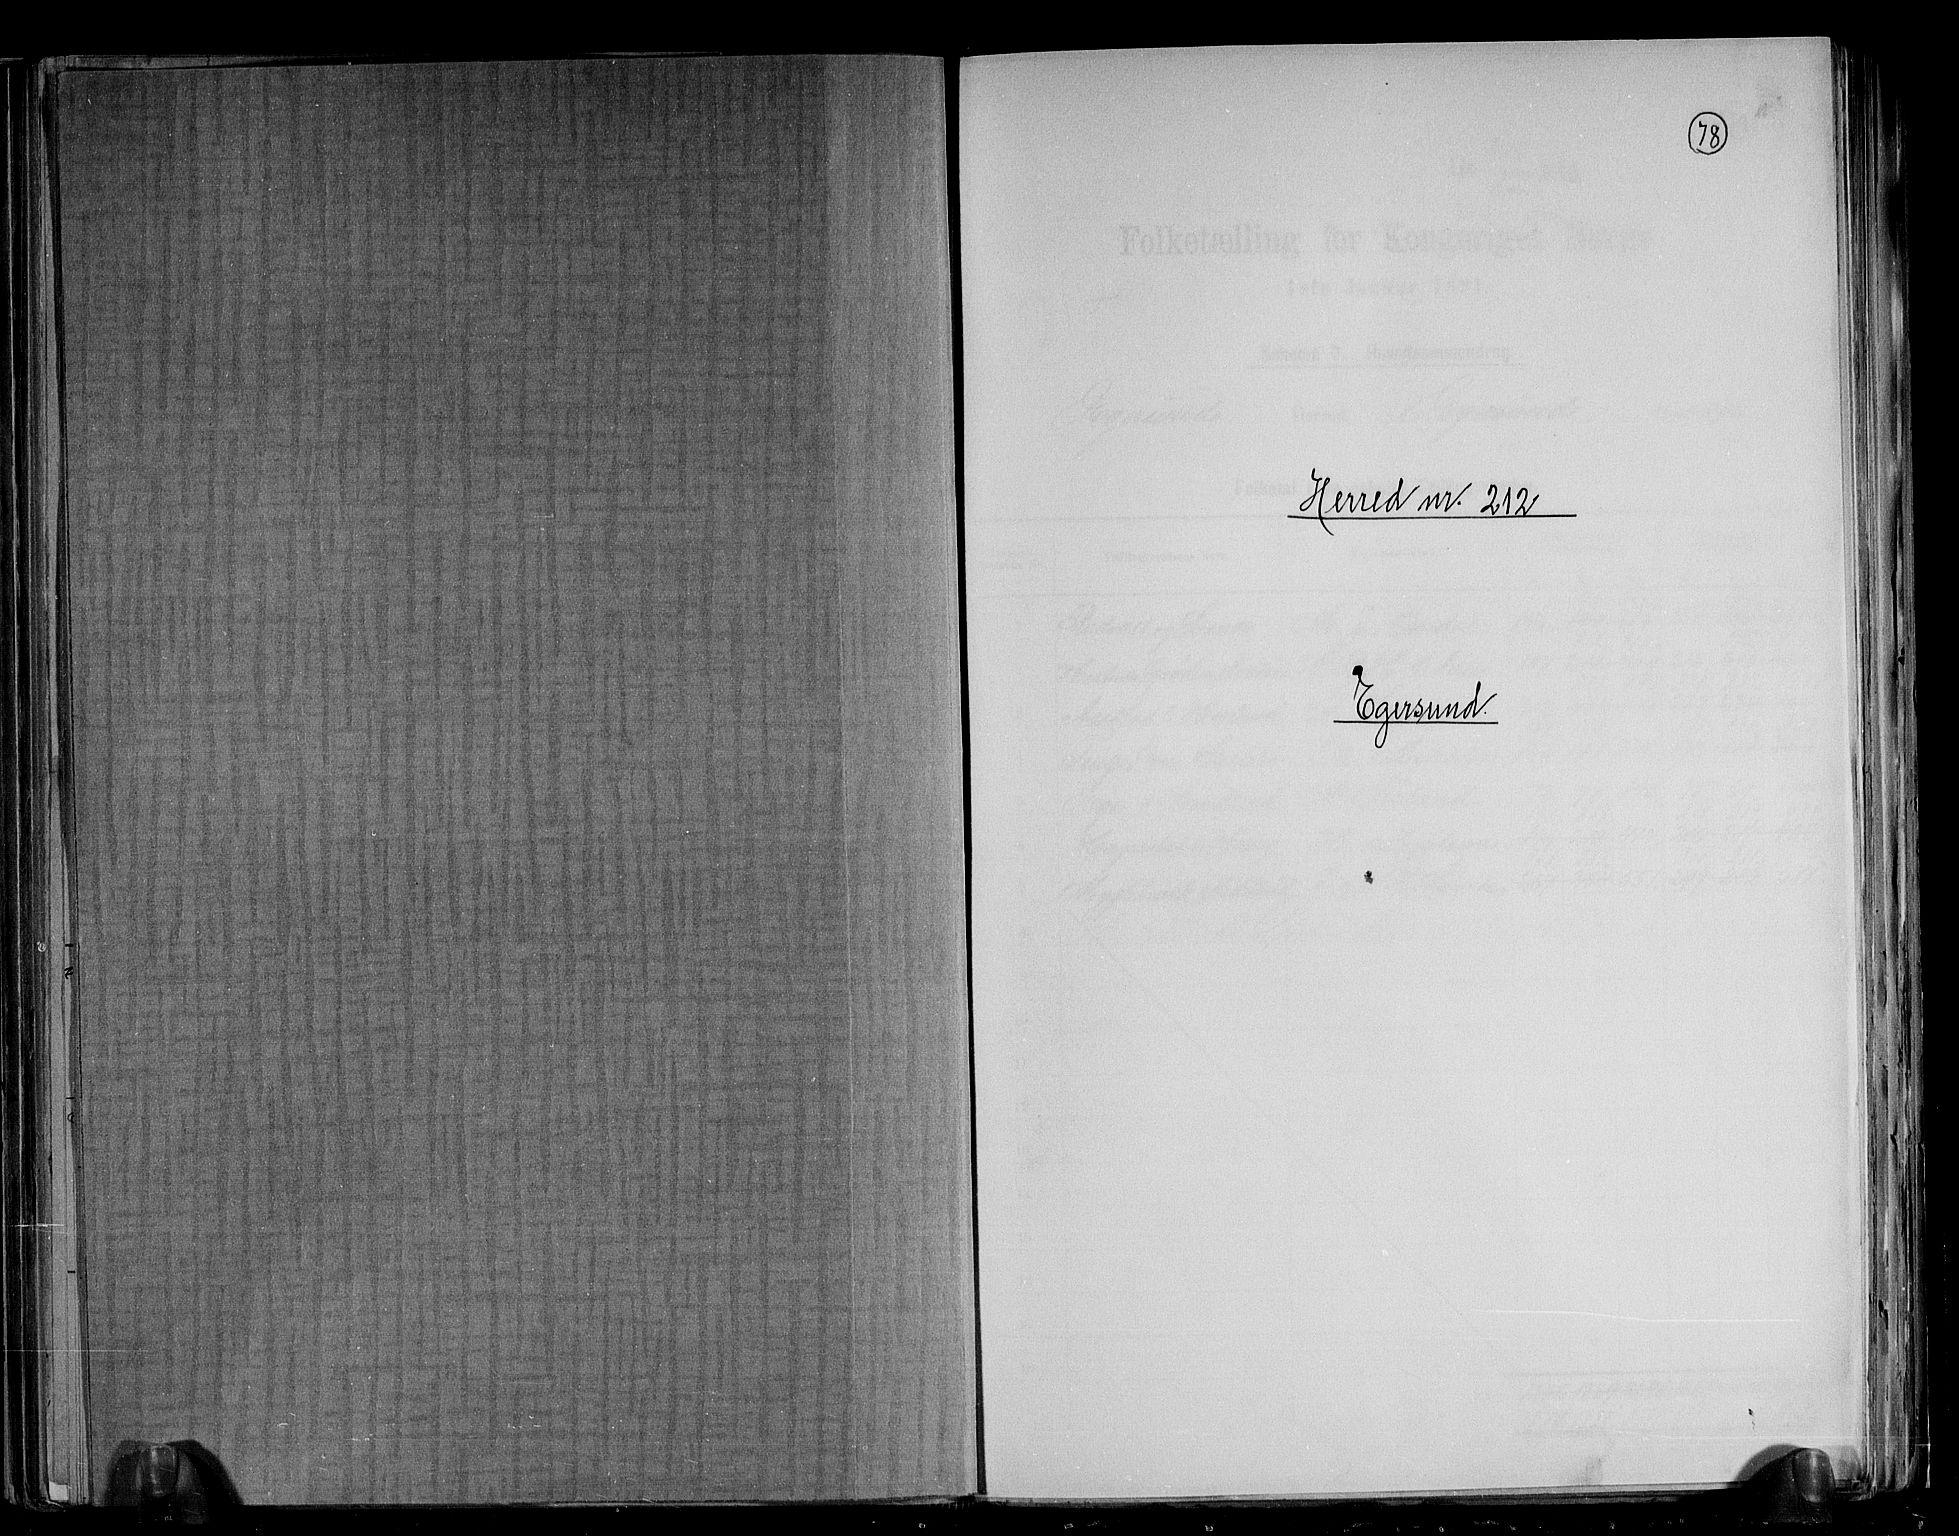 RA, Folketelling 1891 for 1116 Eigersund herred, 1891, s. 1